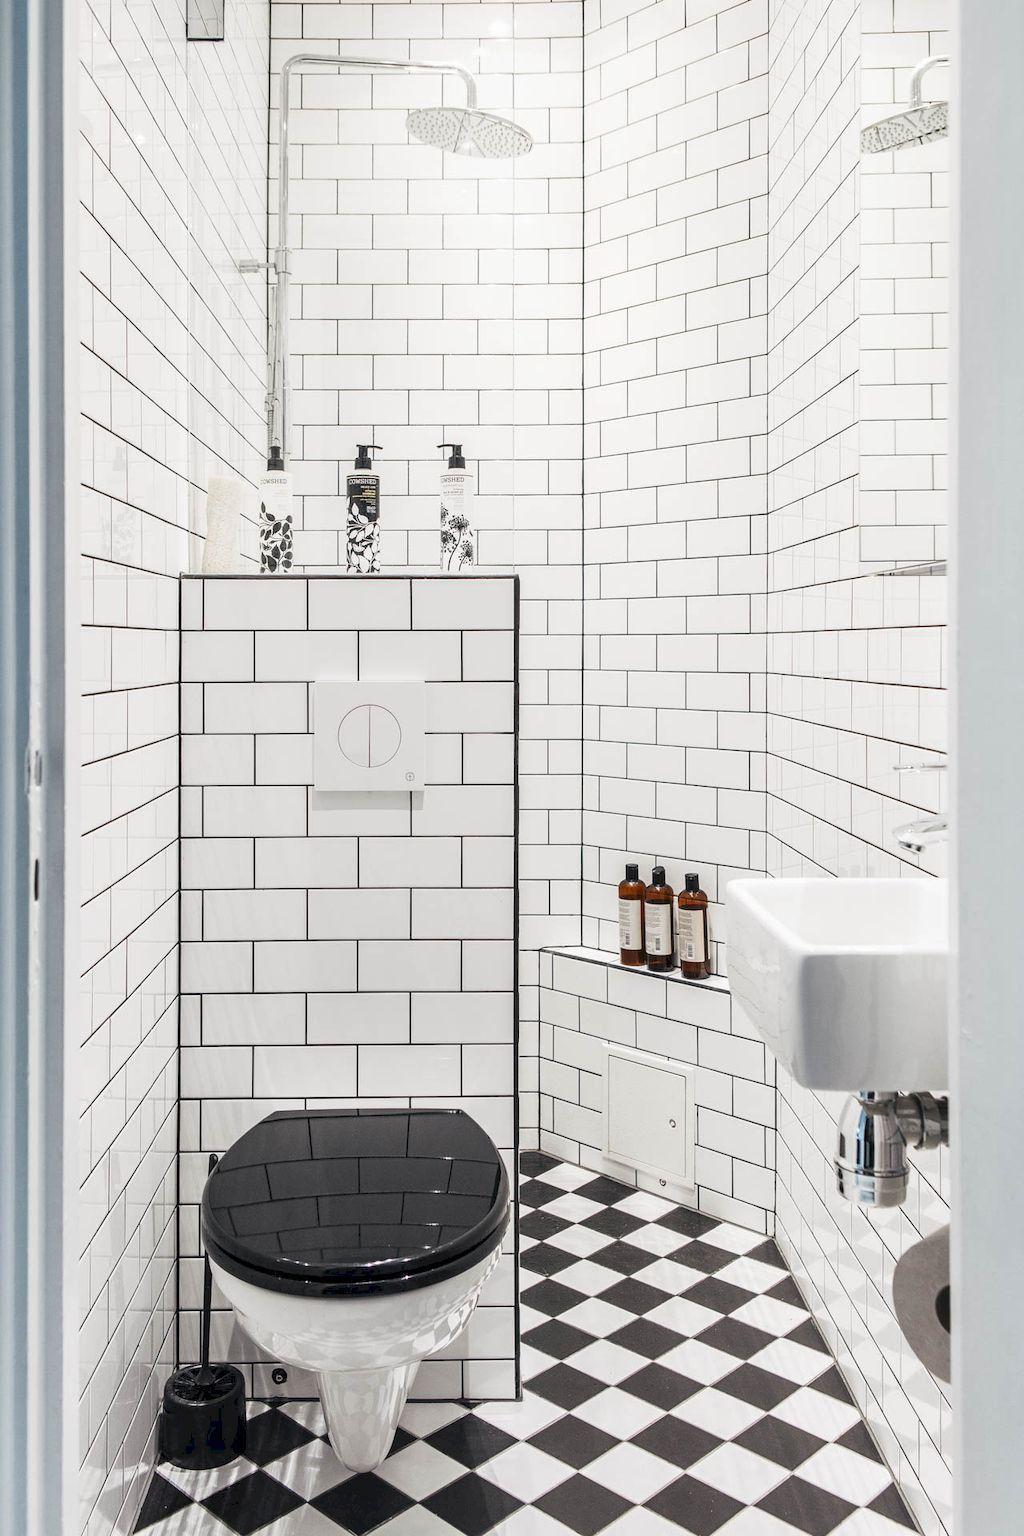 75 Simple Tiny Space Bathroom Ideas On A Budget 33 Whitebathrooms Small Bathroom Decor Small Bathroom Bathroom Layout